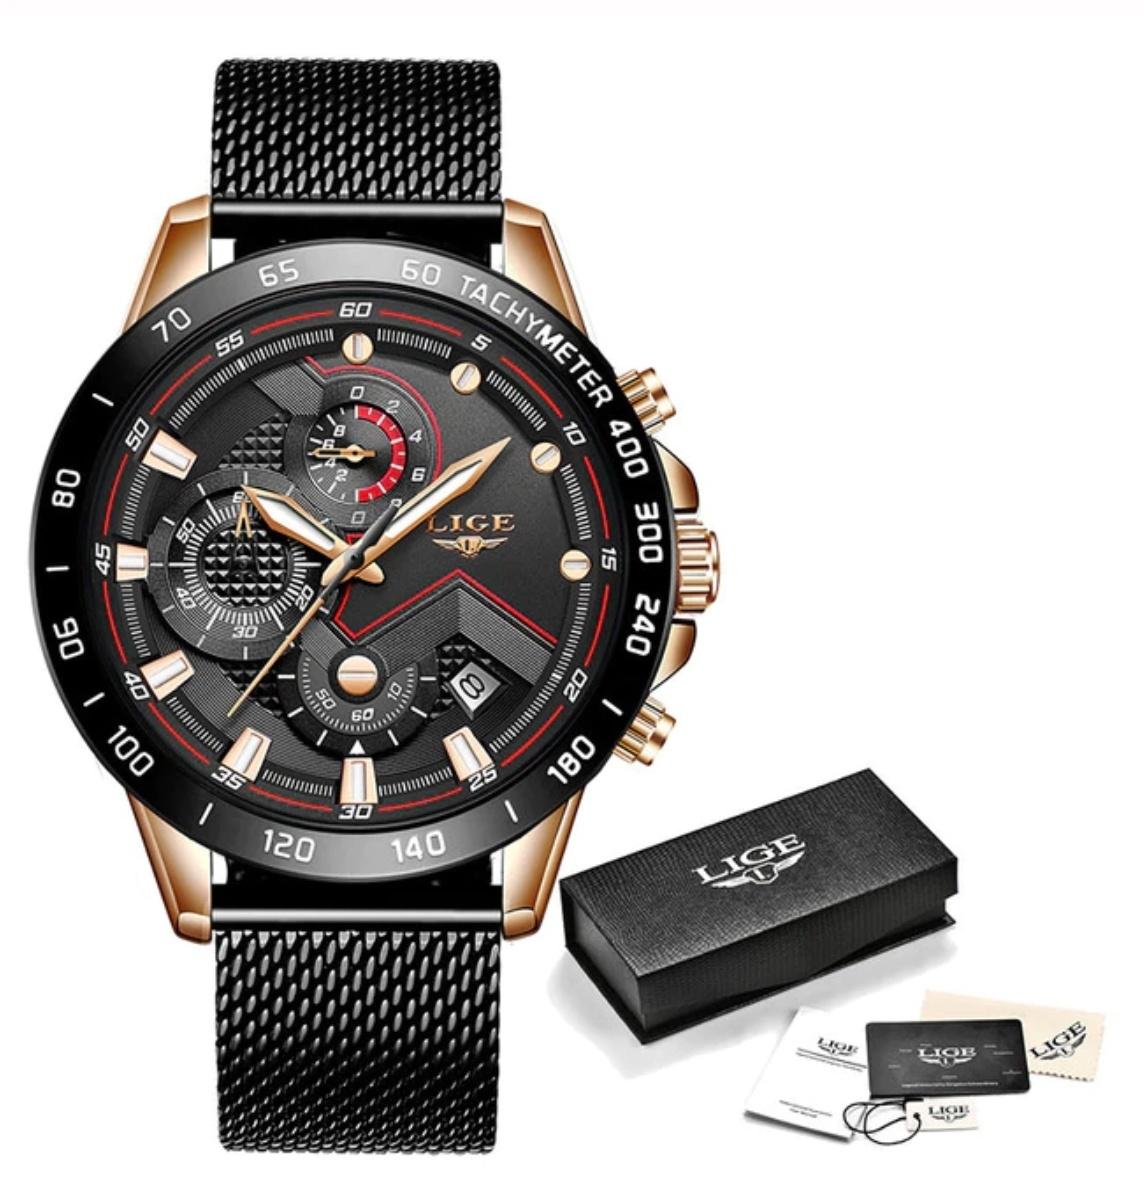 Quartz Horloge - Anoloog Luxe Uurwerk voor Heren - Roestvrij staal - Zwart-Goud